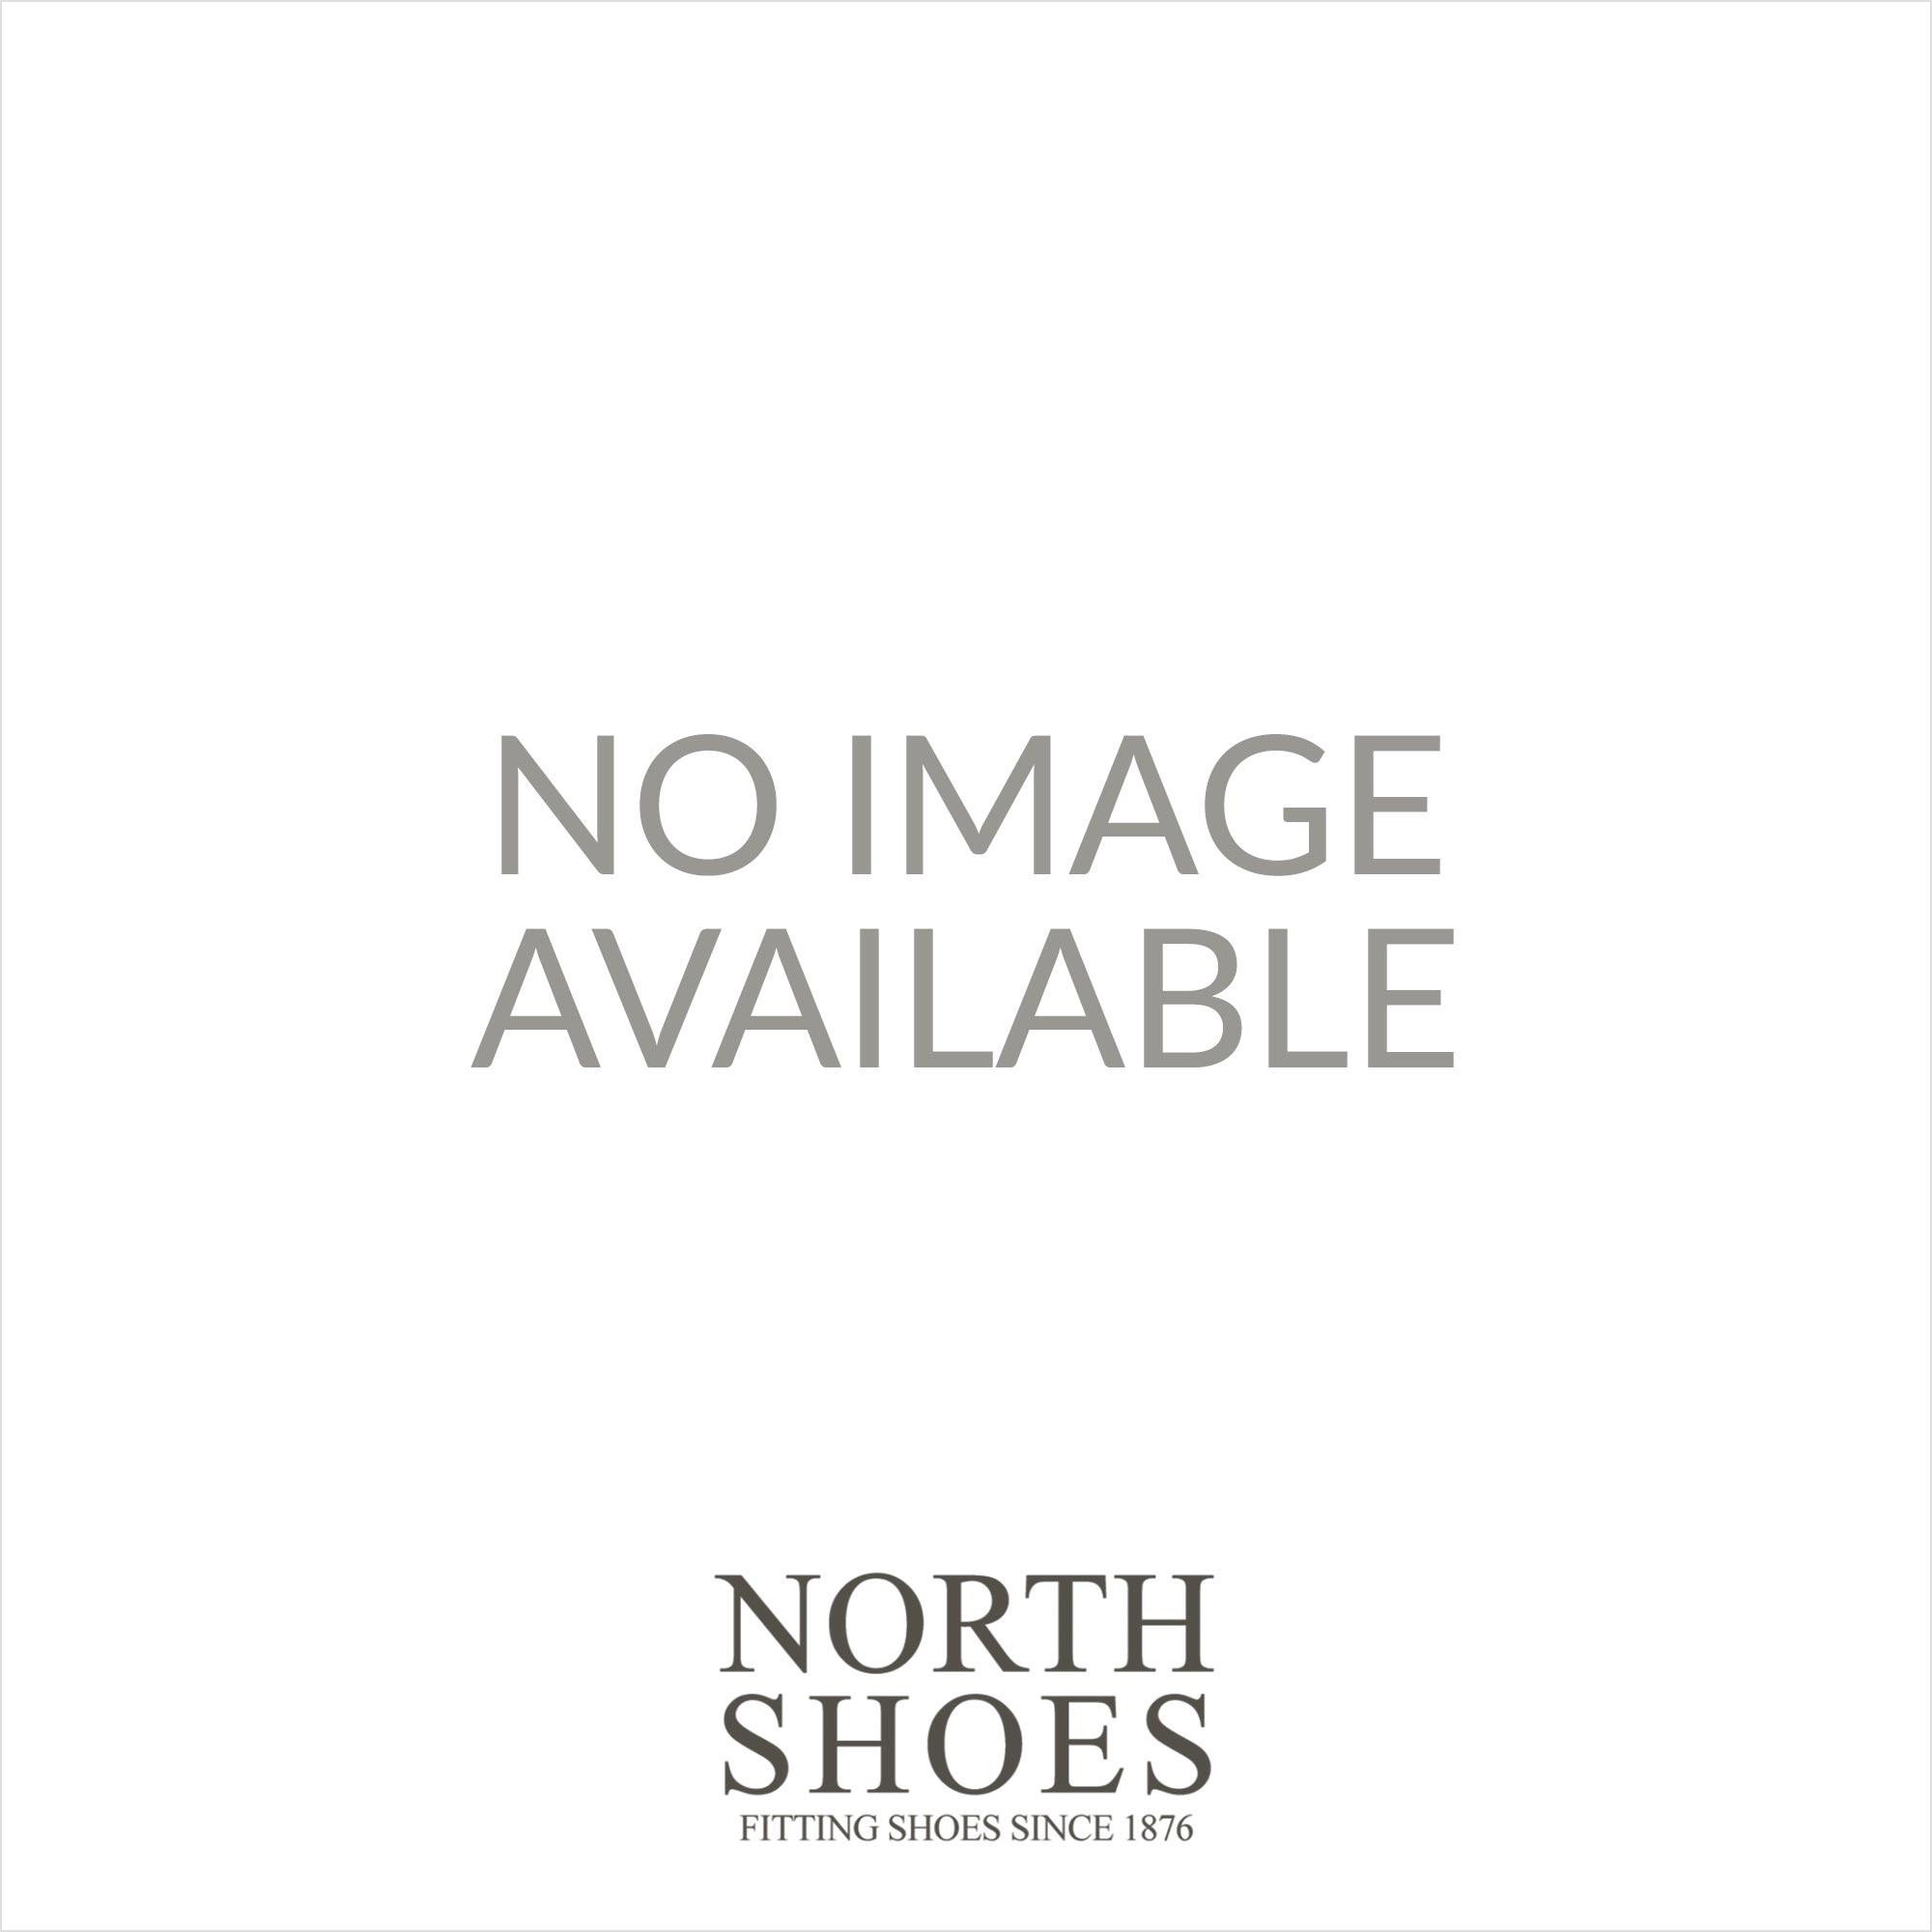 80df374d0e7d GOwalk Lite - Coral 15430 Beige Canvas Womens Lace Up Deck Shoe · Skechers  ...